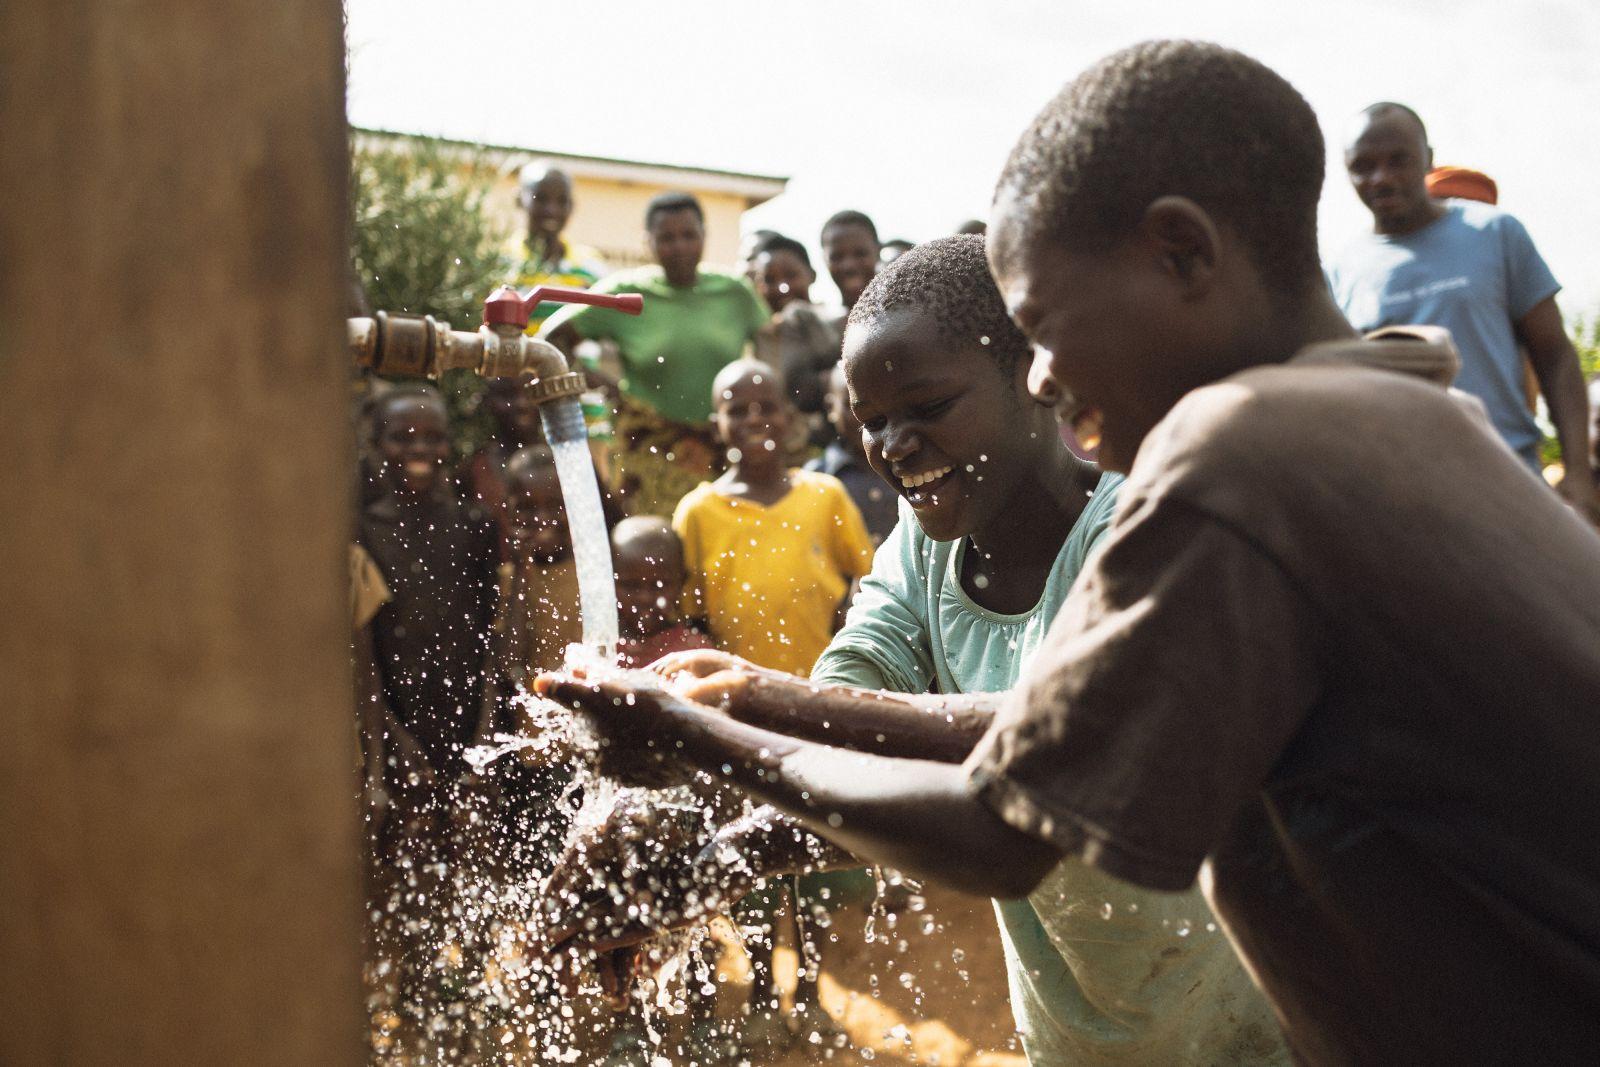 AHK_cw_Rwanda_2541_preview.jpg